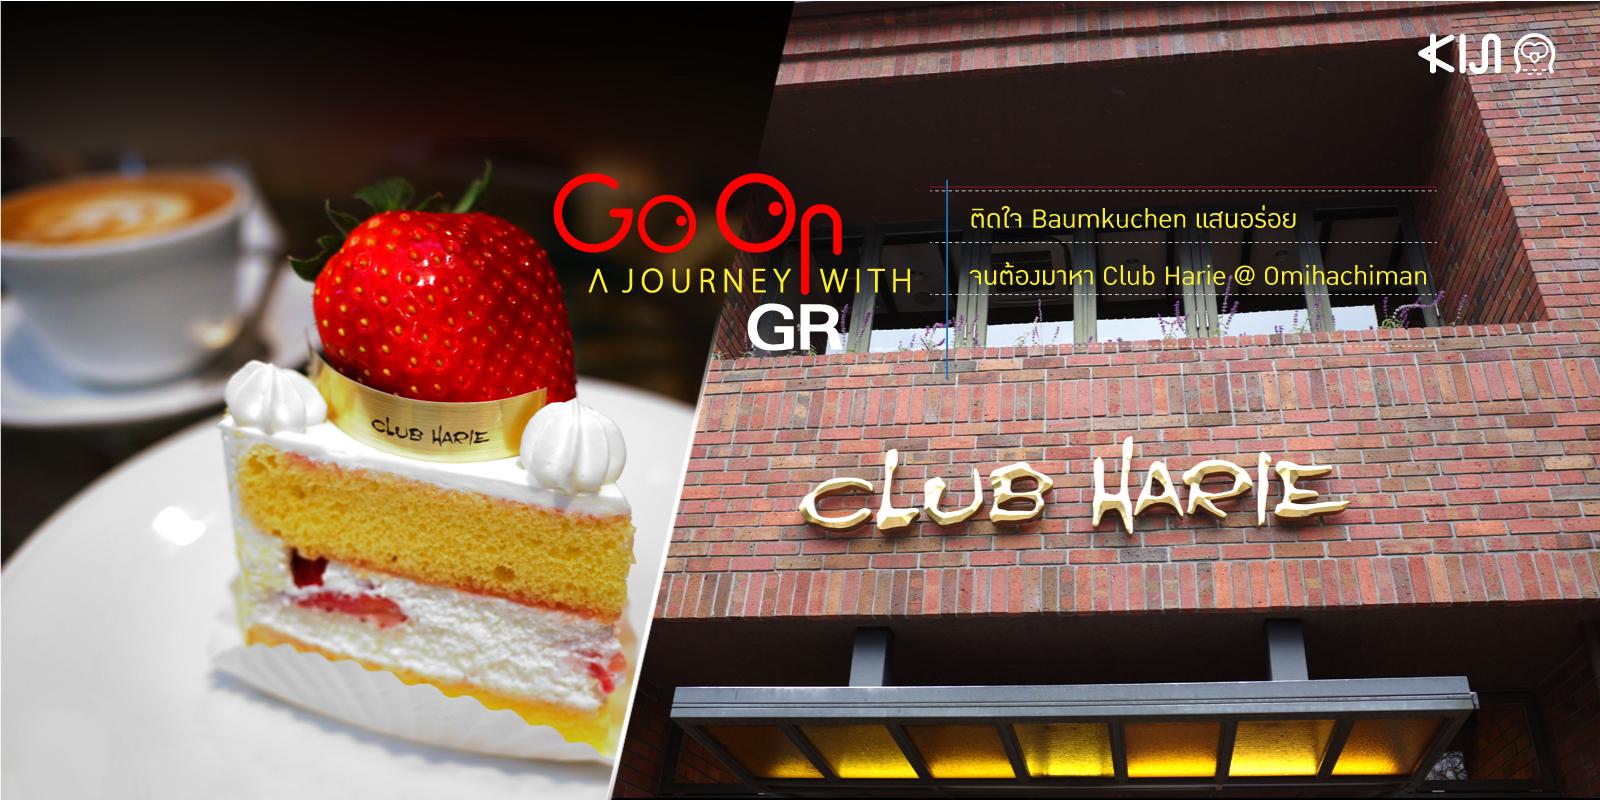 ตามกินขนมบามคูเฮน (Baumkuchen) แสนอร่อยที่ Club Harie เมือง Omihachiman จ.ชิกะ